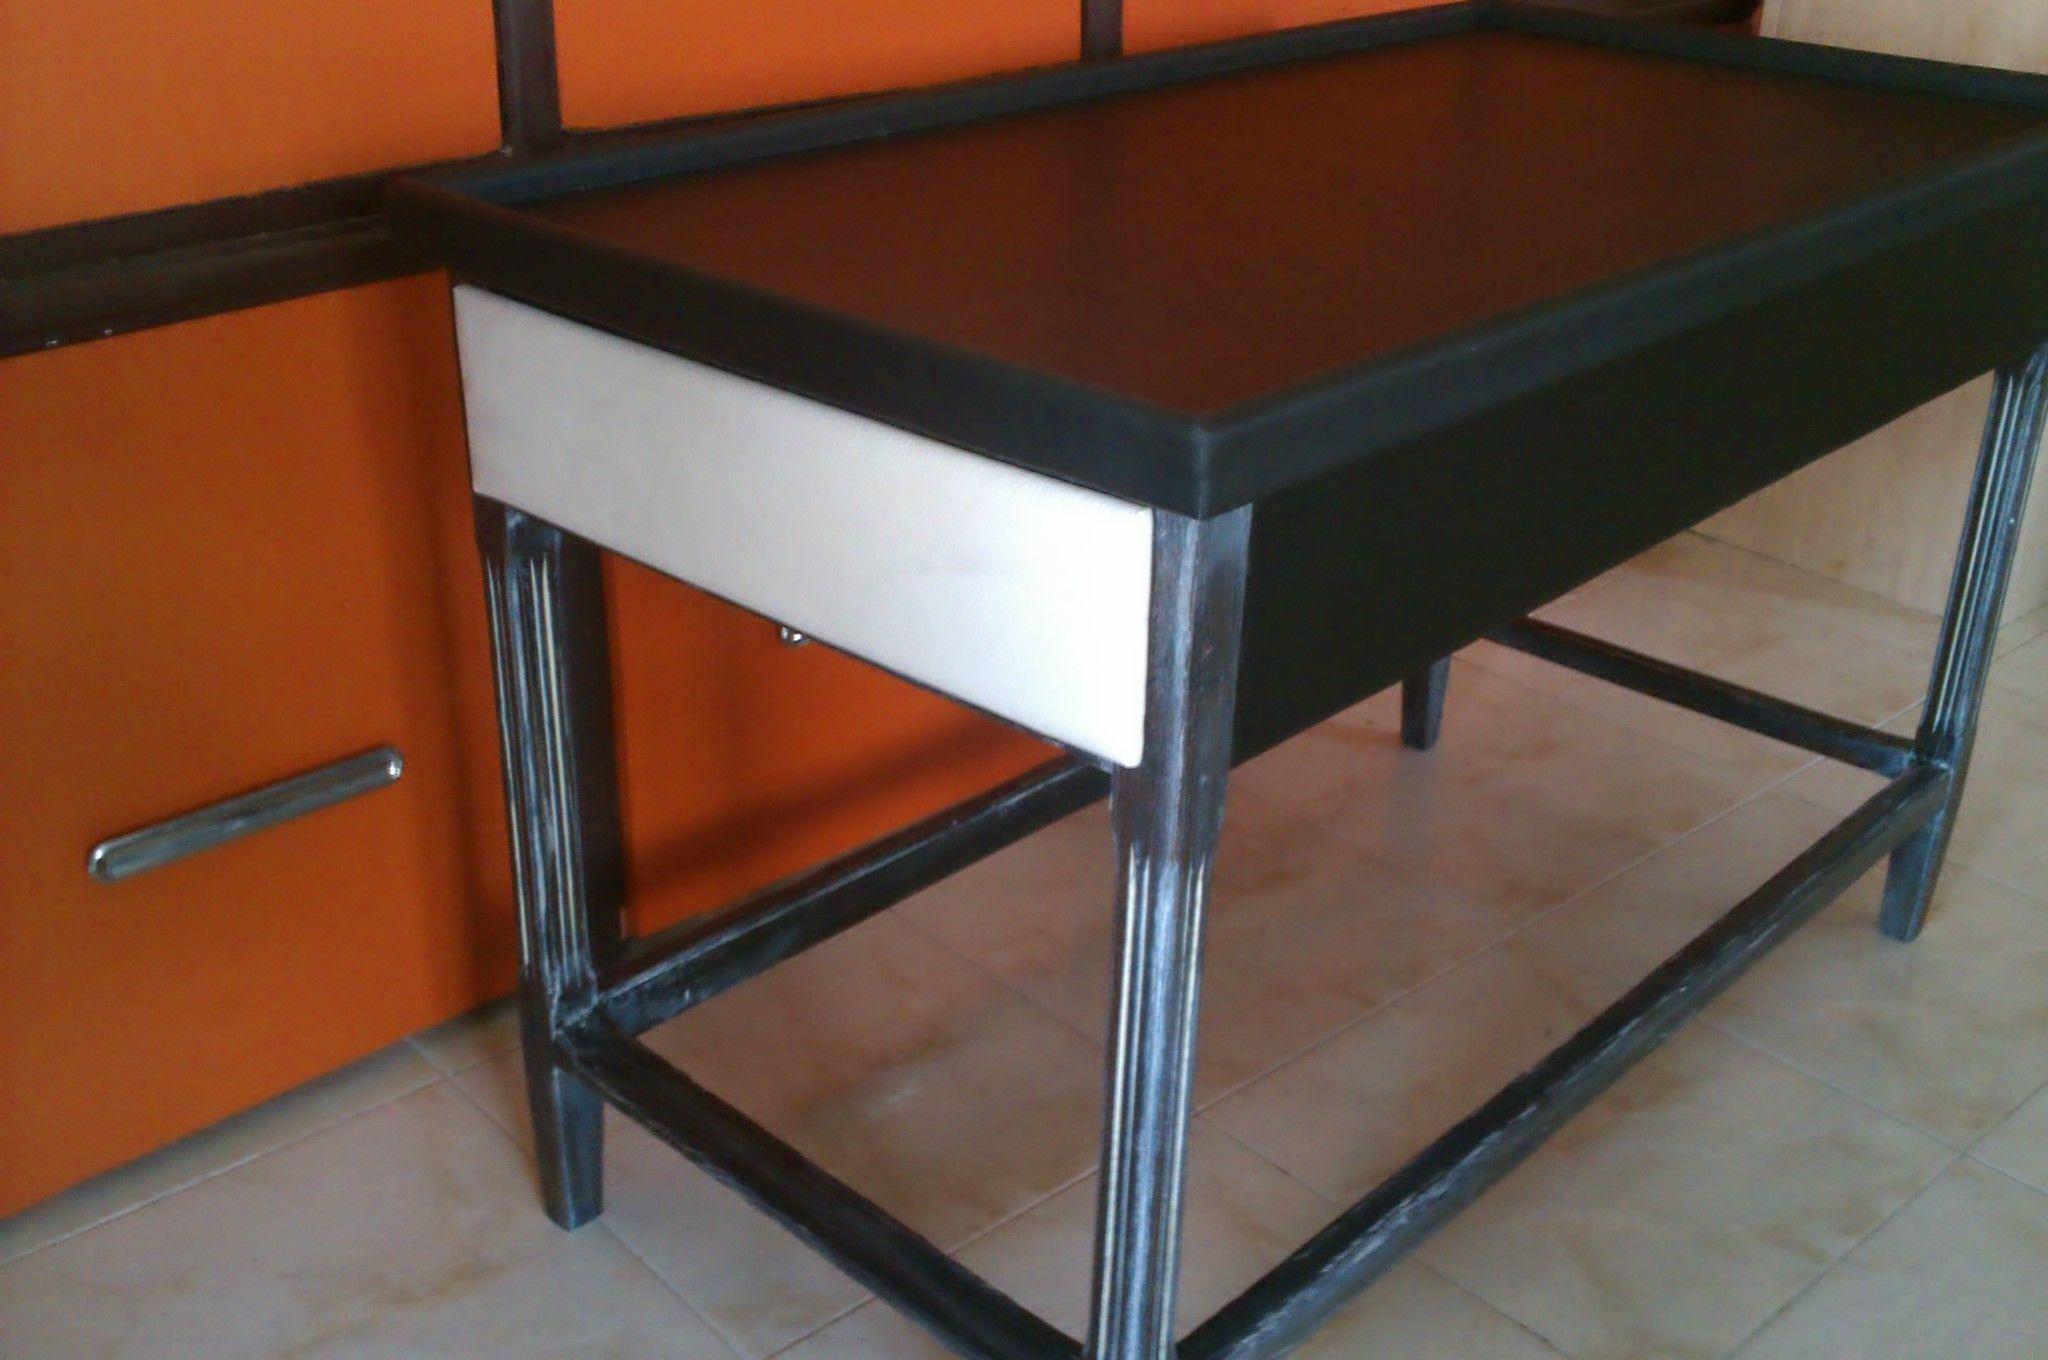 mesa estilo francés, acabado ébano con pátina marfil y piel negra en sobre y laterales,cajones sen piel blanca